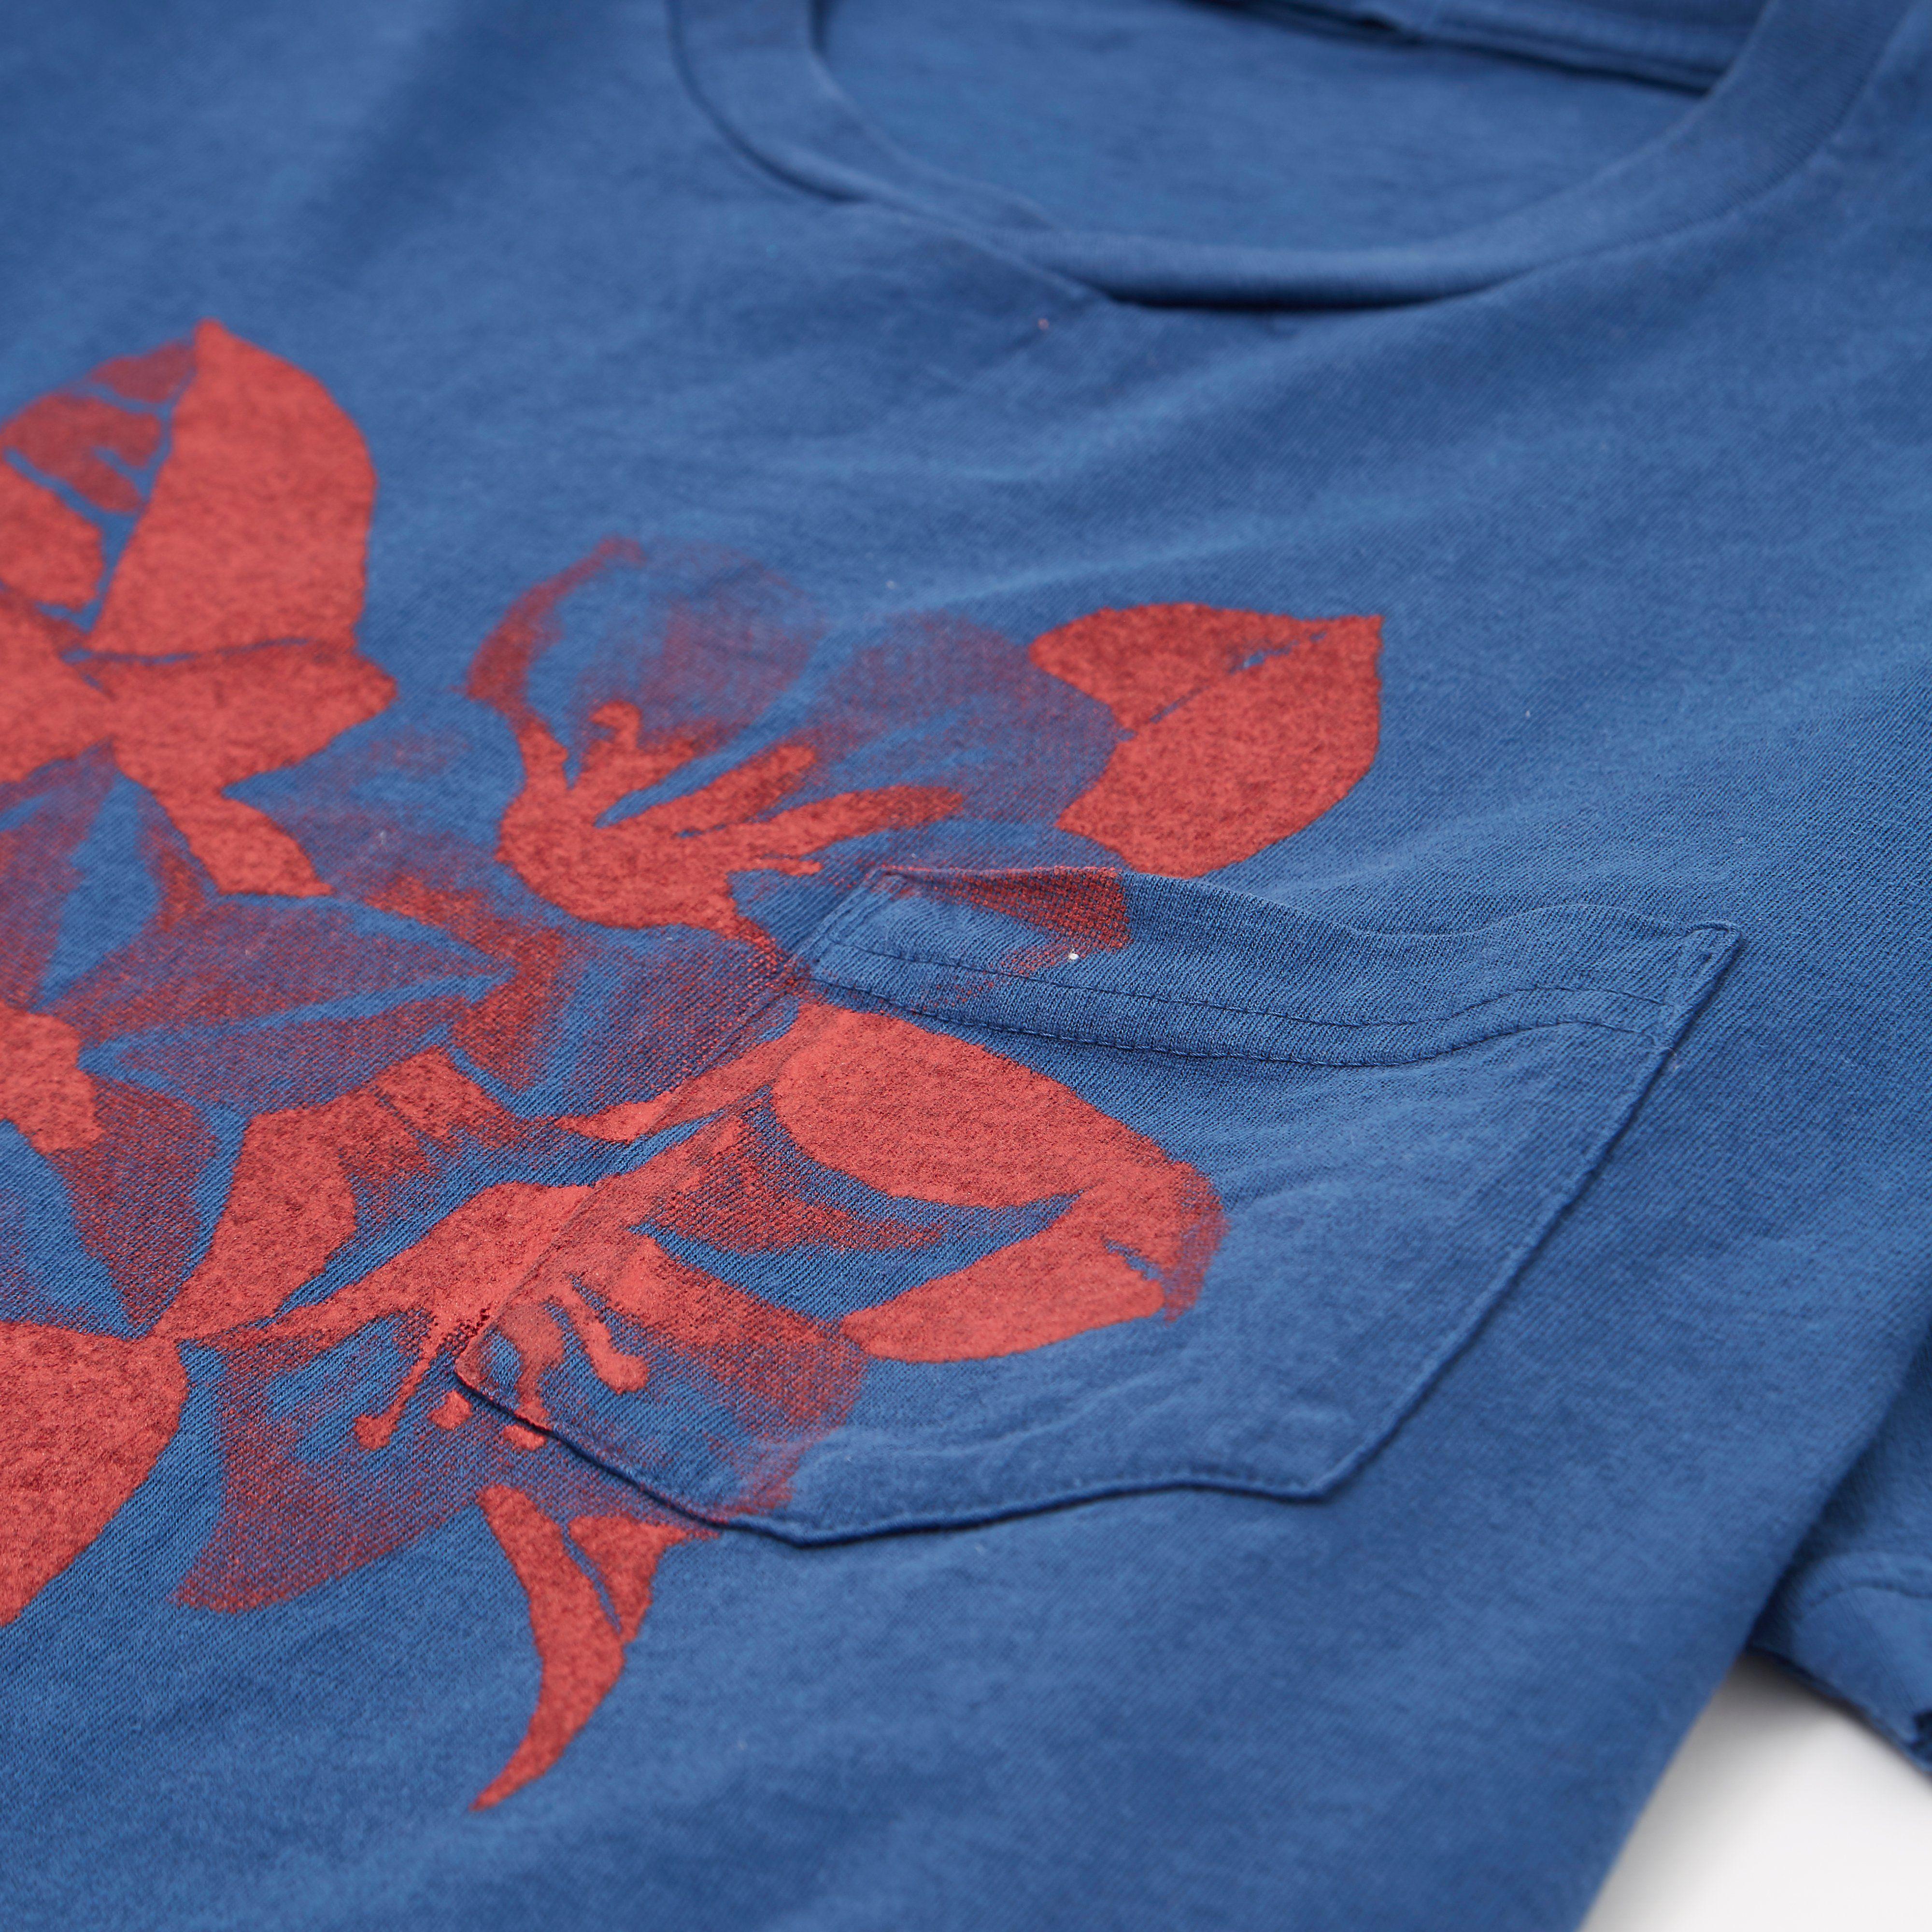 Engineered Garments Royal Floral Printed T-shirt